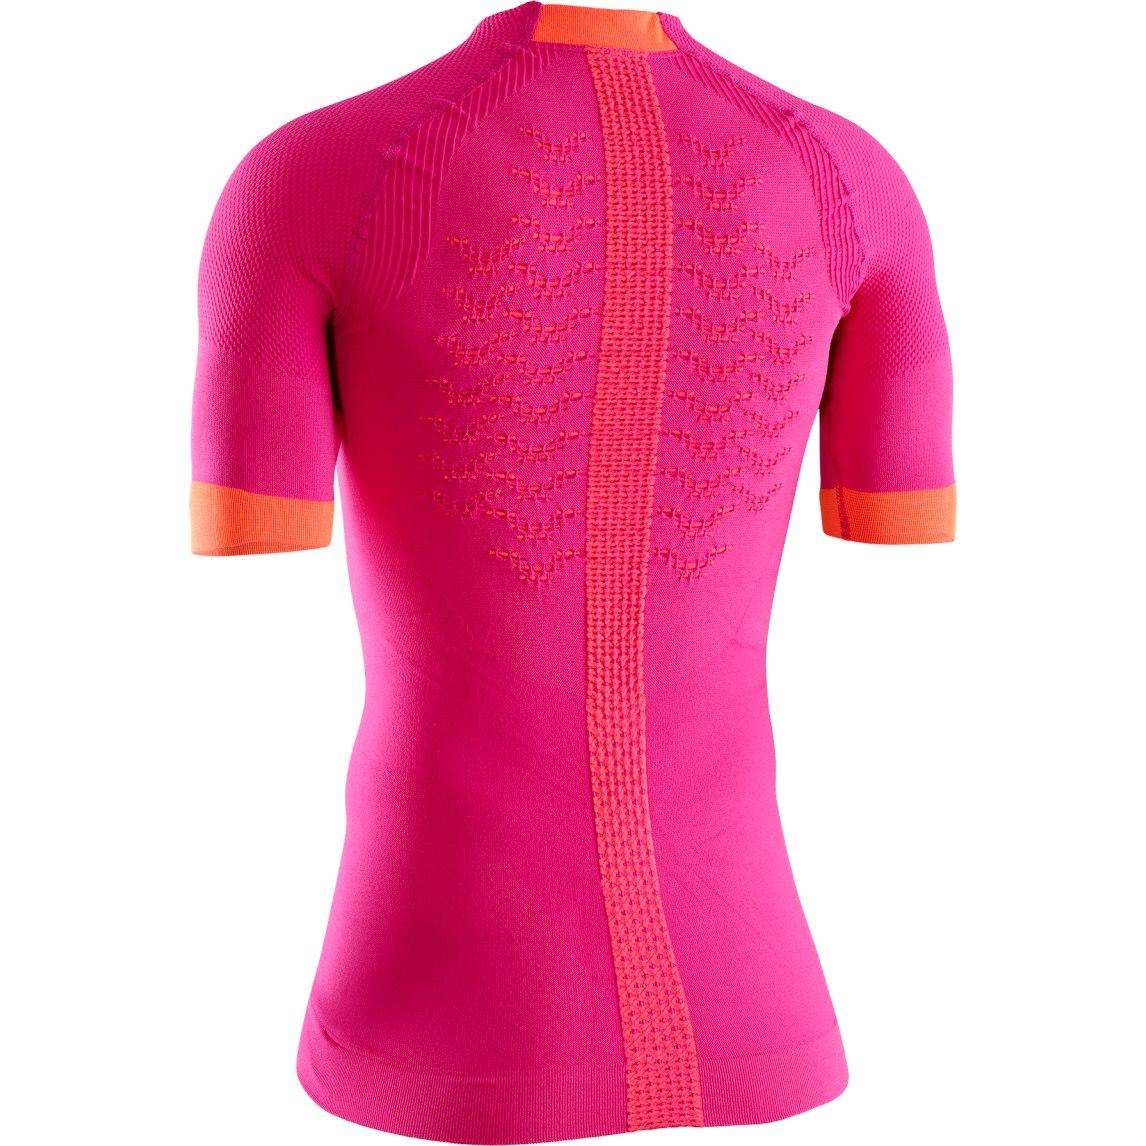 Image of X-Bionic The Trick 4.0 Run Shirt Short Sleeves for Women - trick pink/kurkuma orange